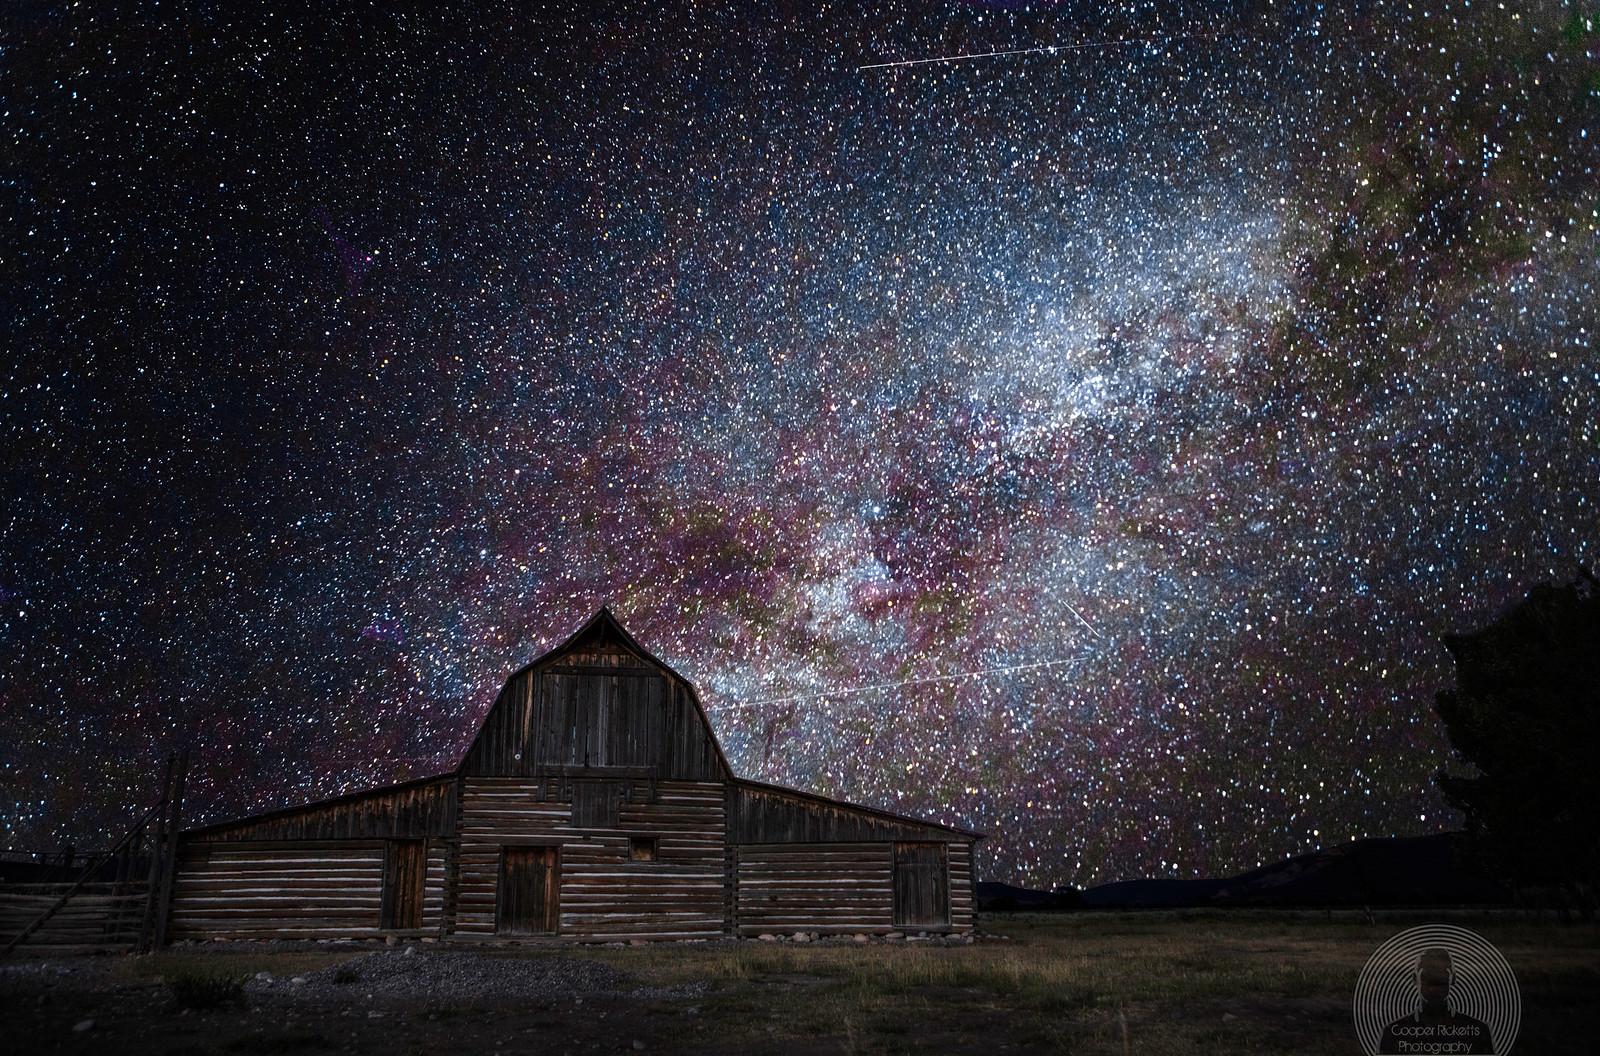 T.A. Molton Barn & Milky Way